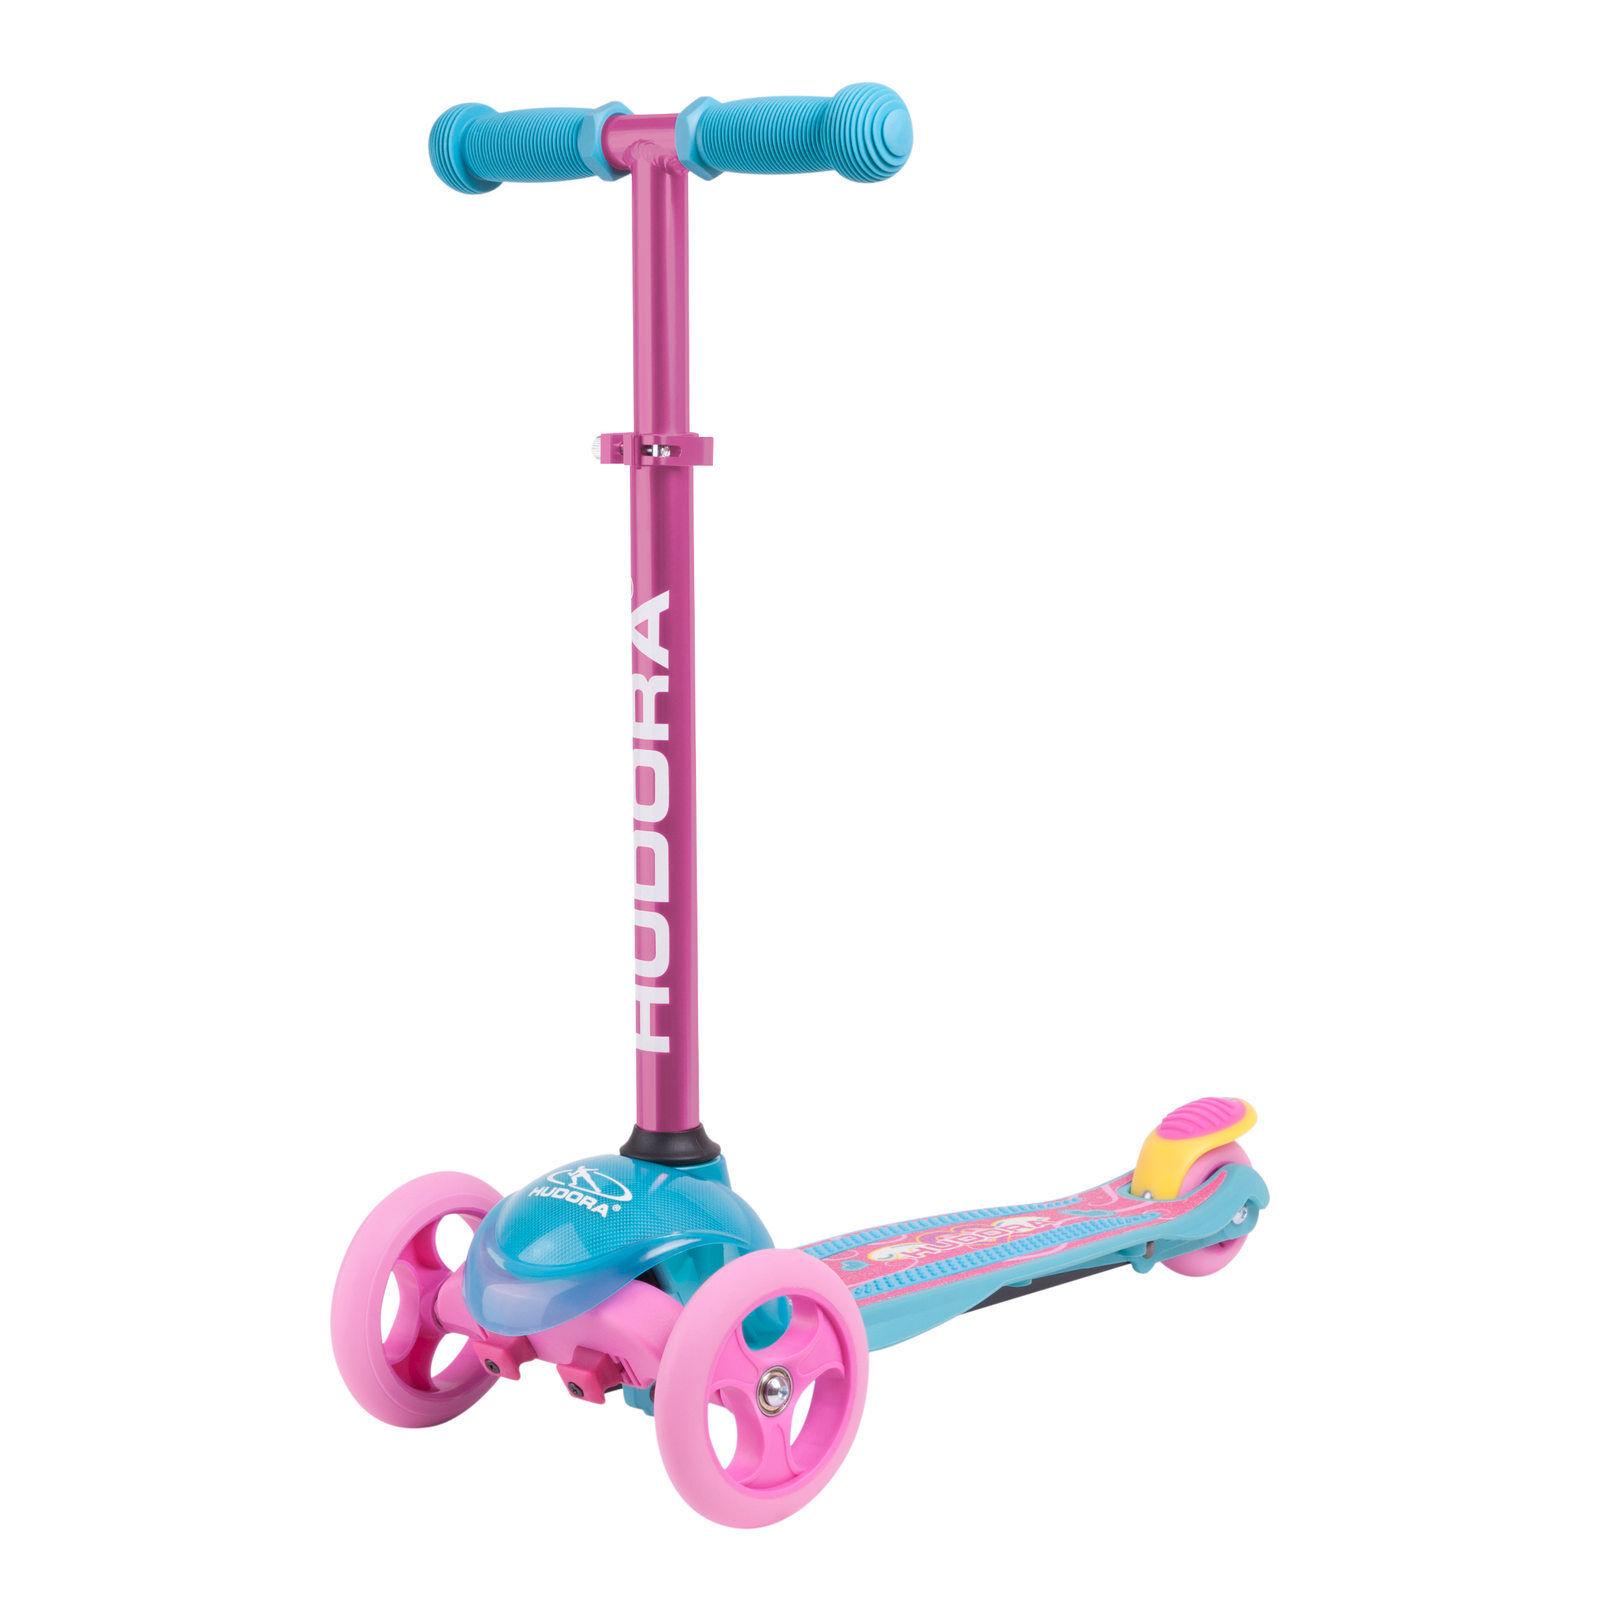 Kinder Scooter Roller für Mädchen mit Sicherheits- Lenker